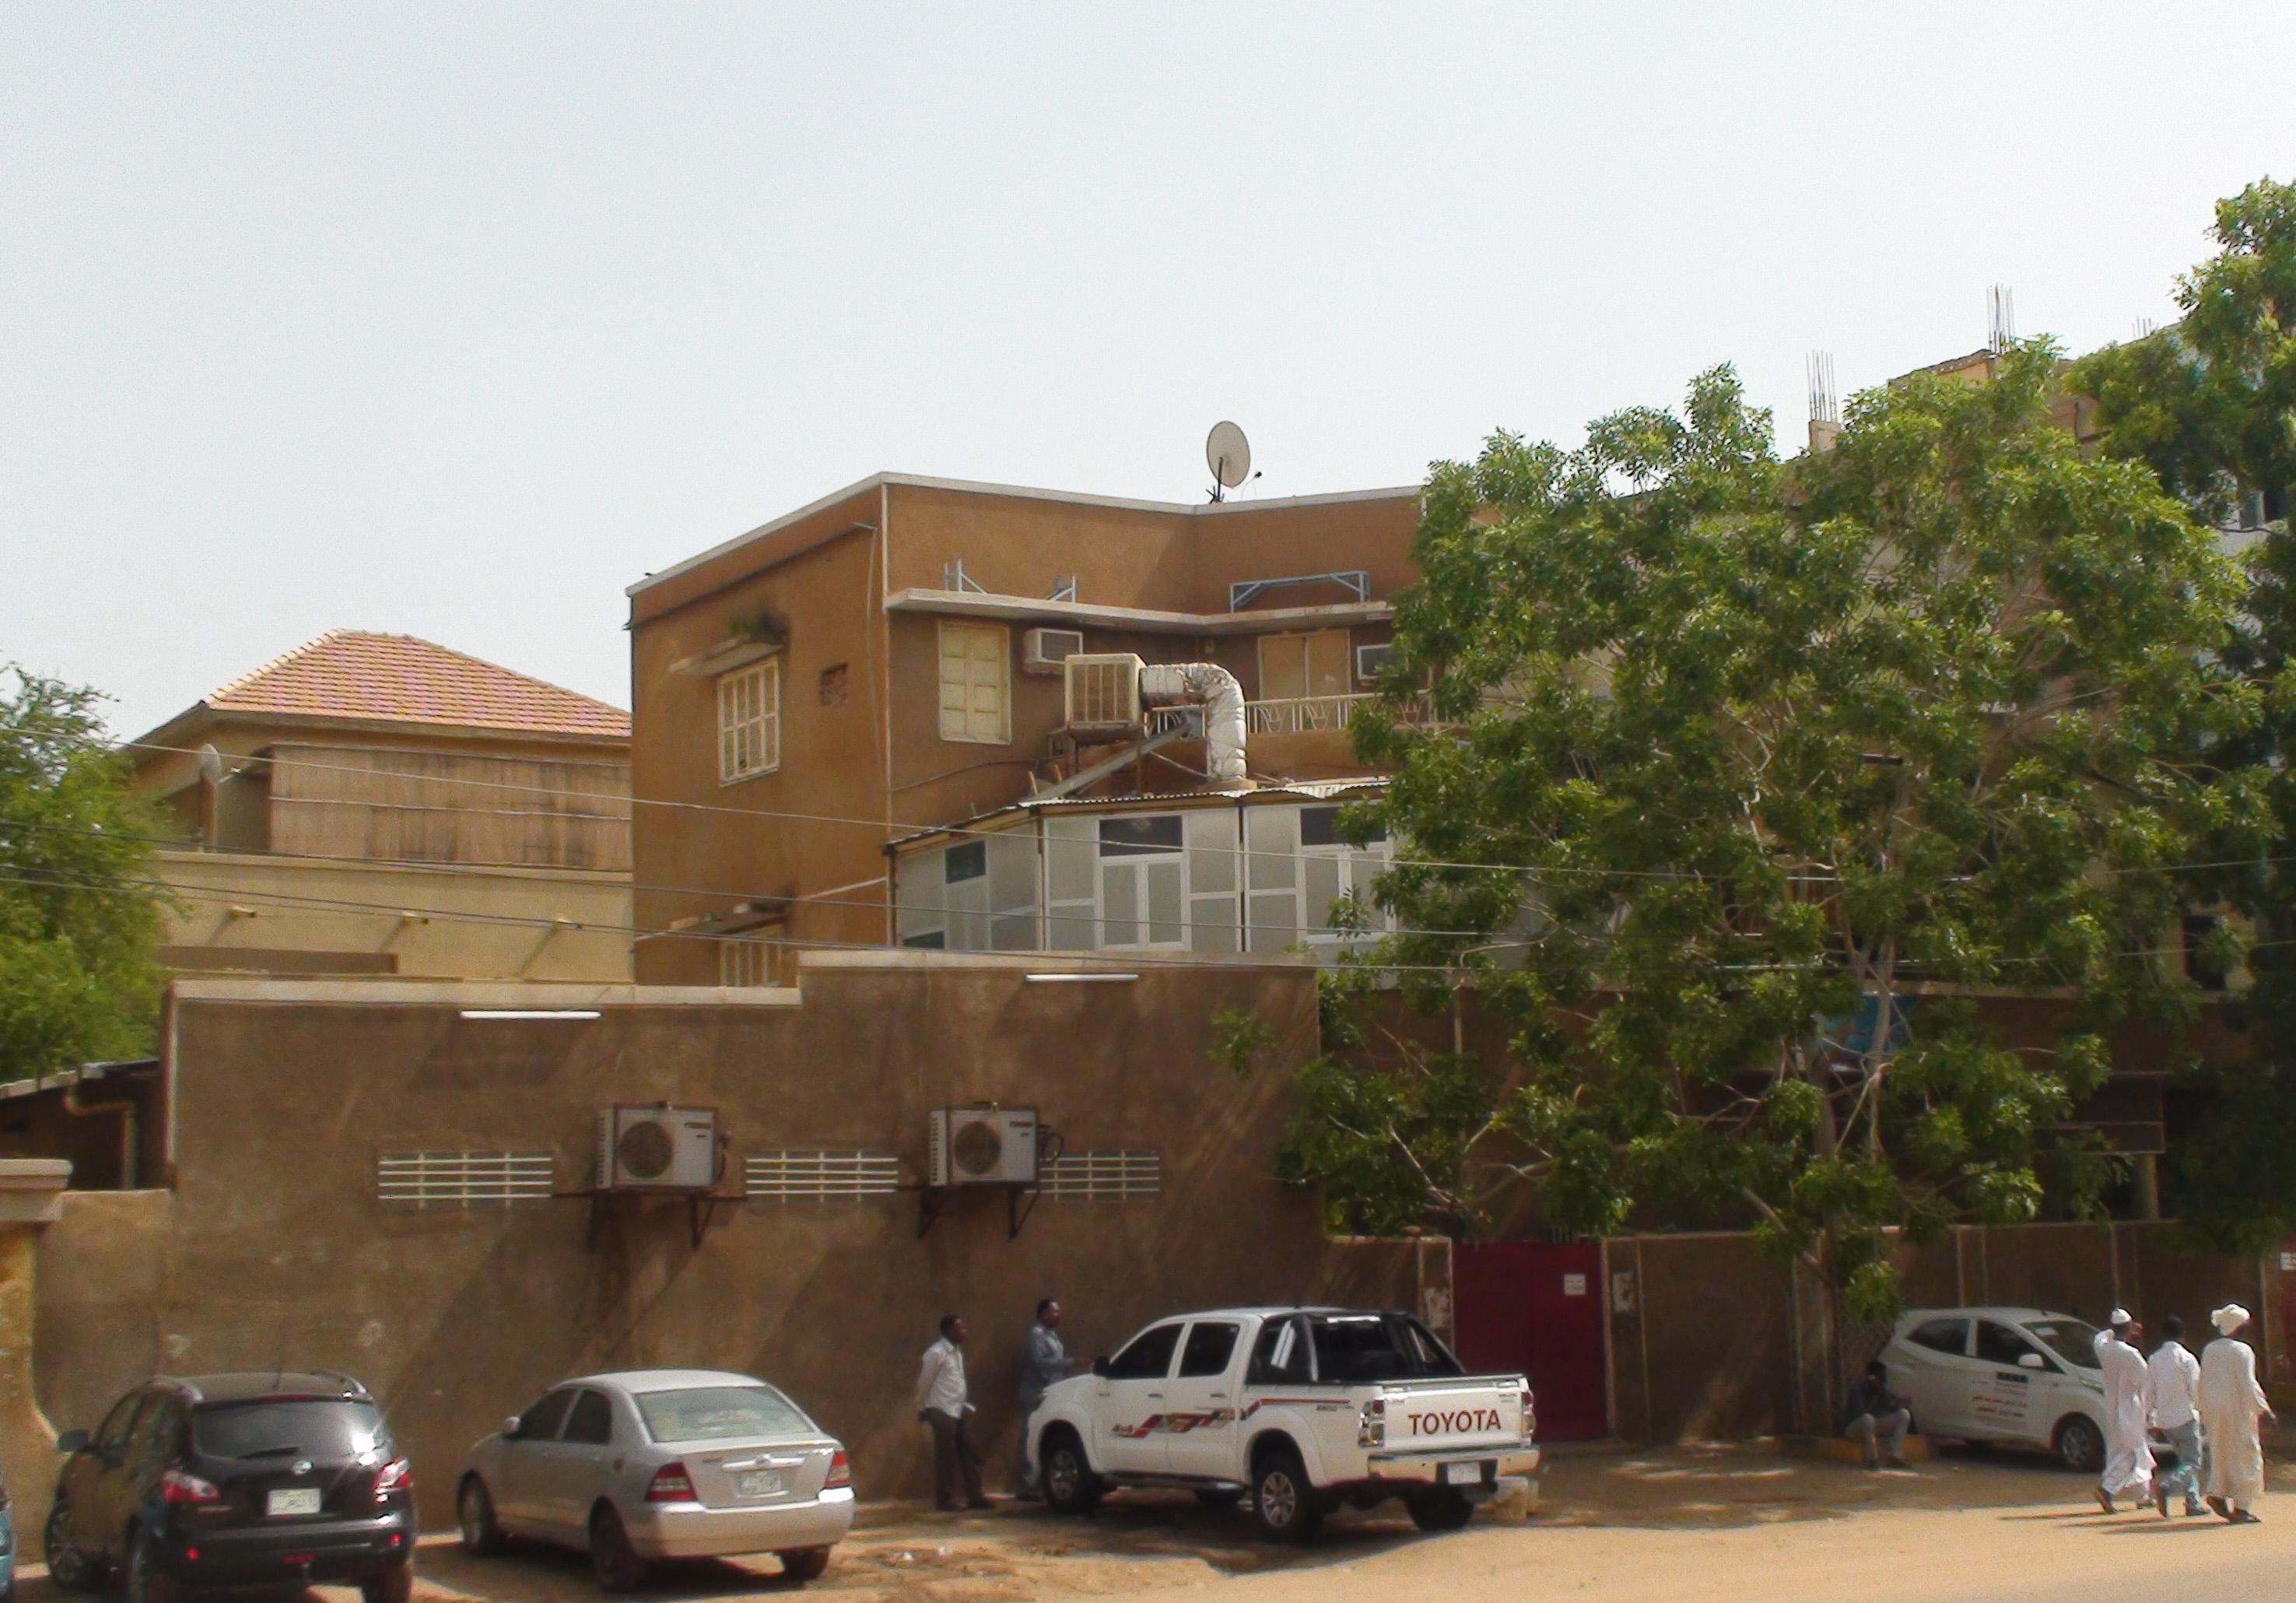 Sudan shutters 500 member church in khartoum morningstar for House builder